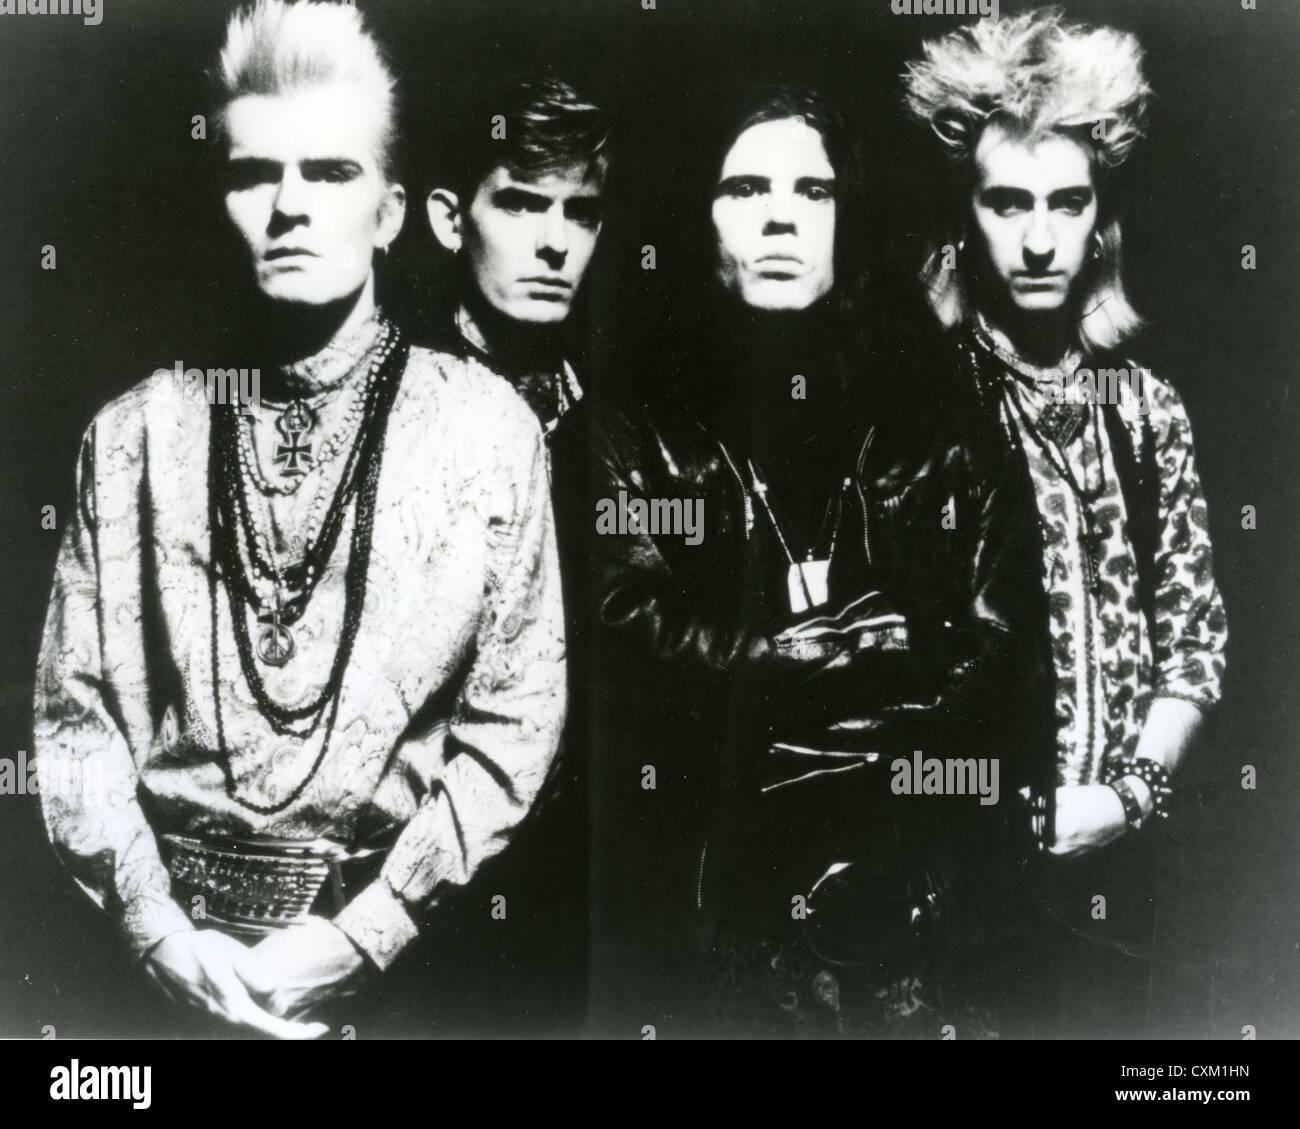 Il culto foto promozionale del Regno Unito del gruppo rock circa 1990 con Billy Duffy a sinistra e Ian Astbury in Immagini Stock